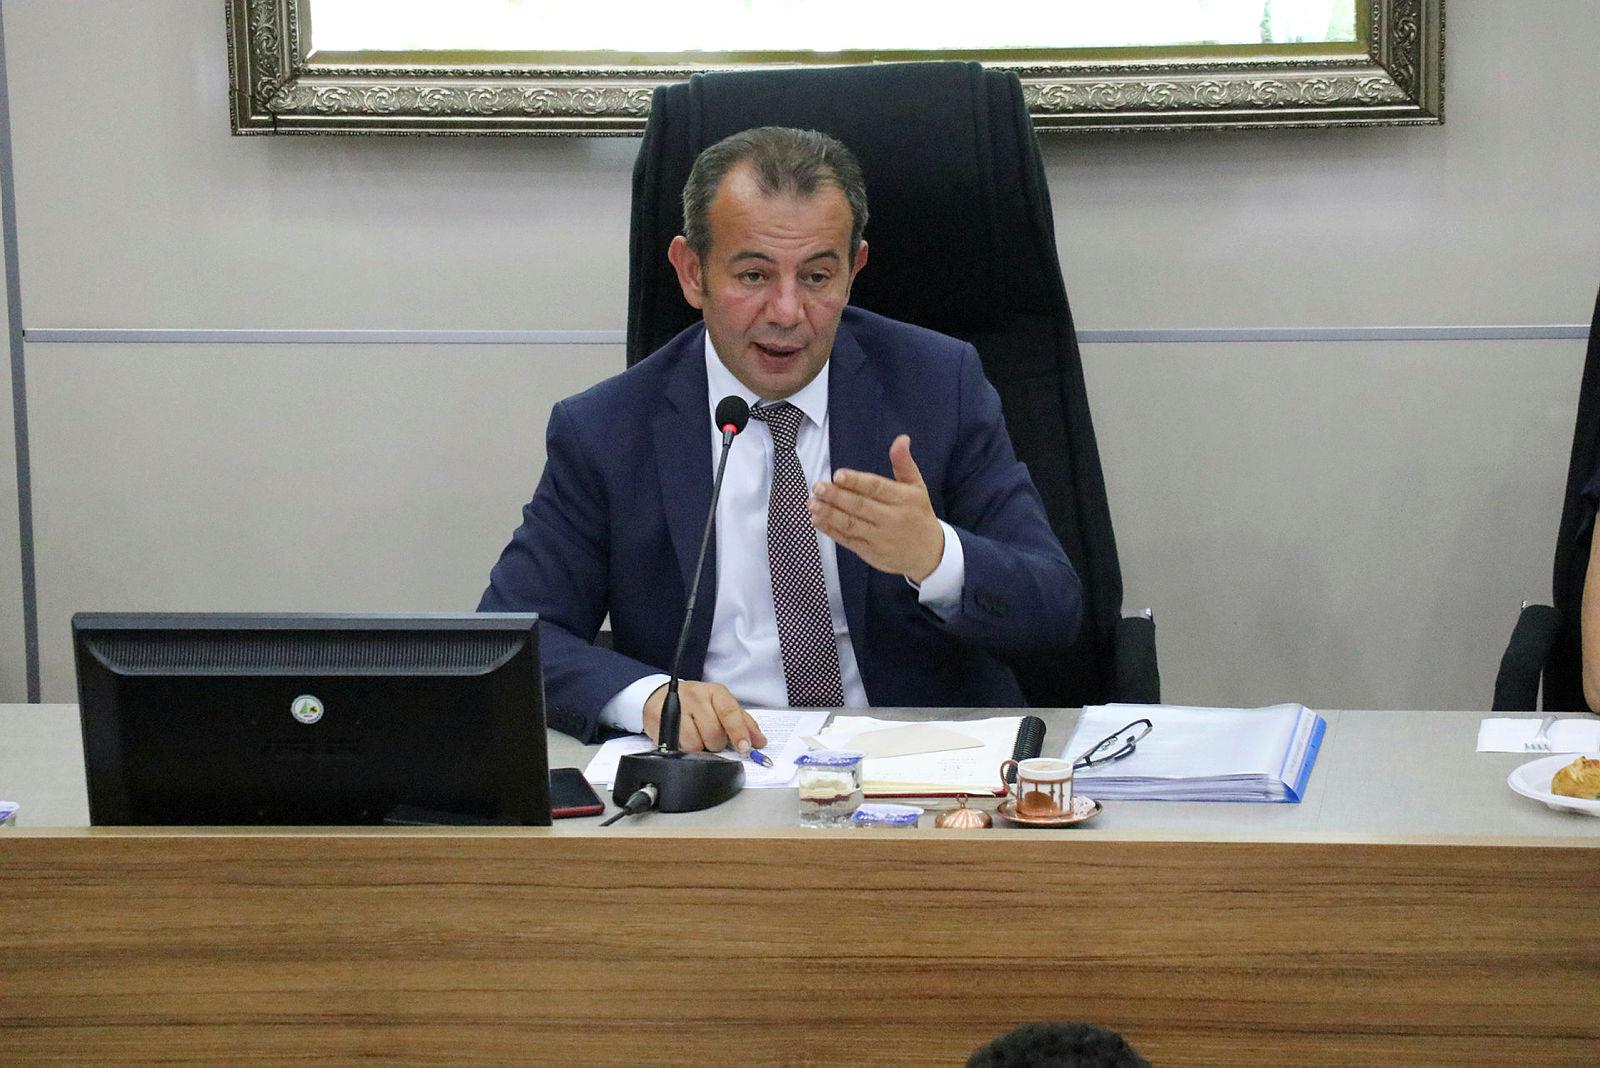 Skandal açıklamalara imza atan Bolu Belediye Başkanı Tanju Özcan CHPye rest çekti: Pişman değilim